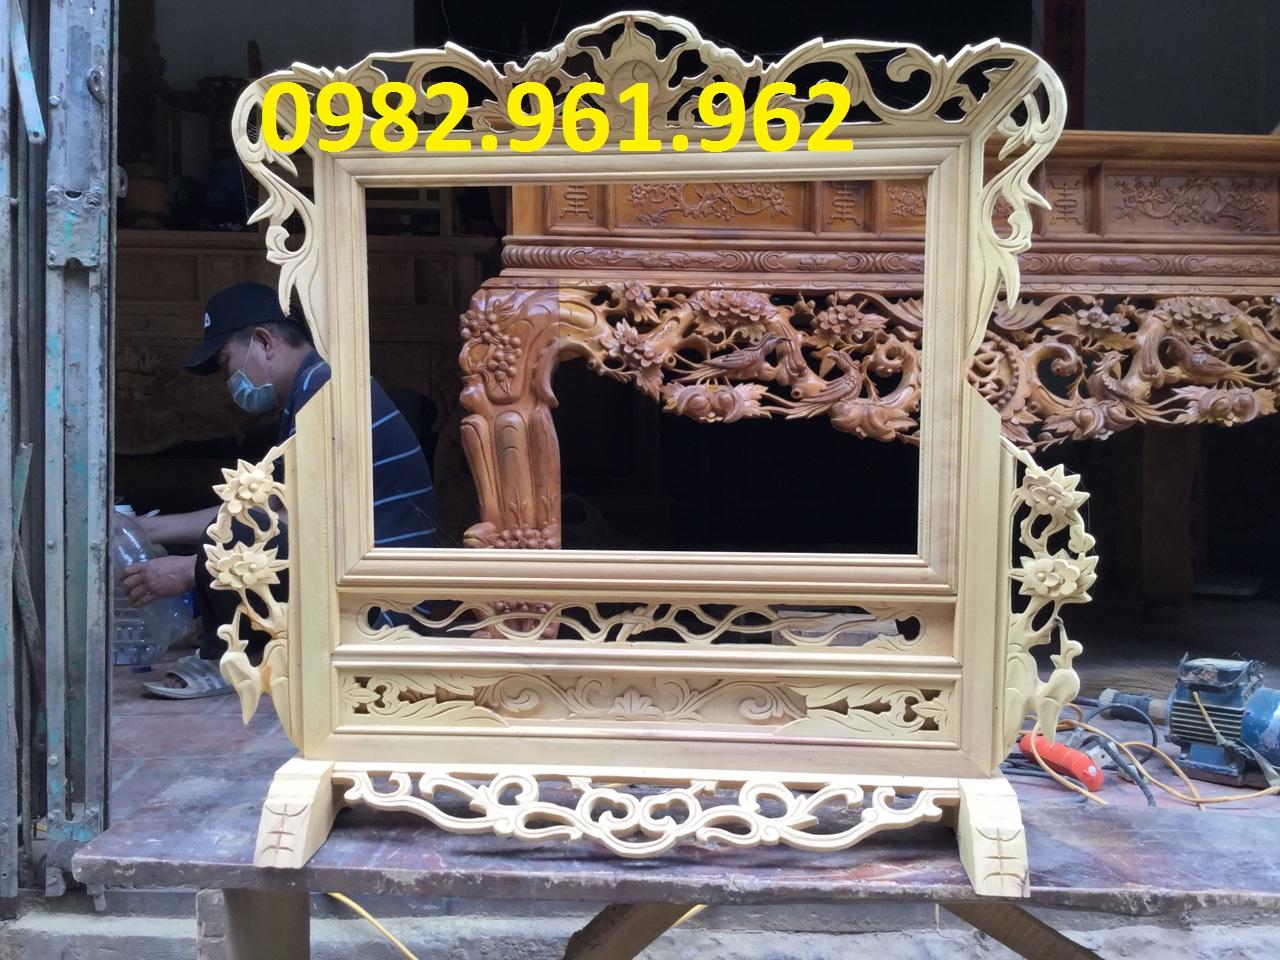 khung ảnh thờ đôi bằng gỗ mít